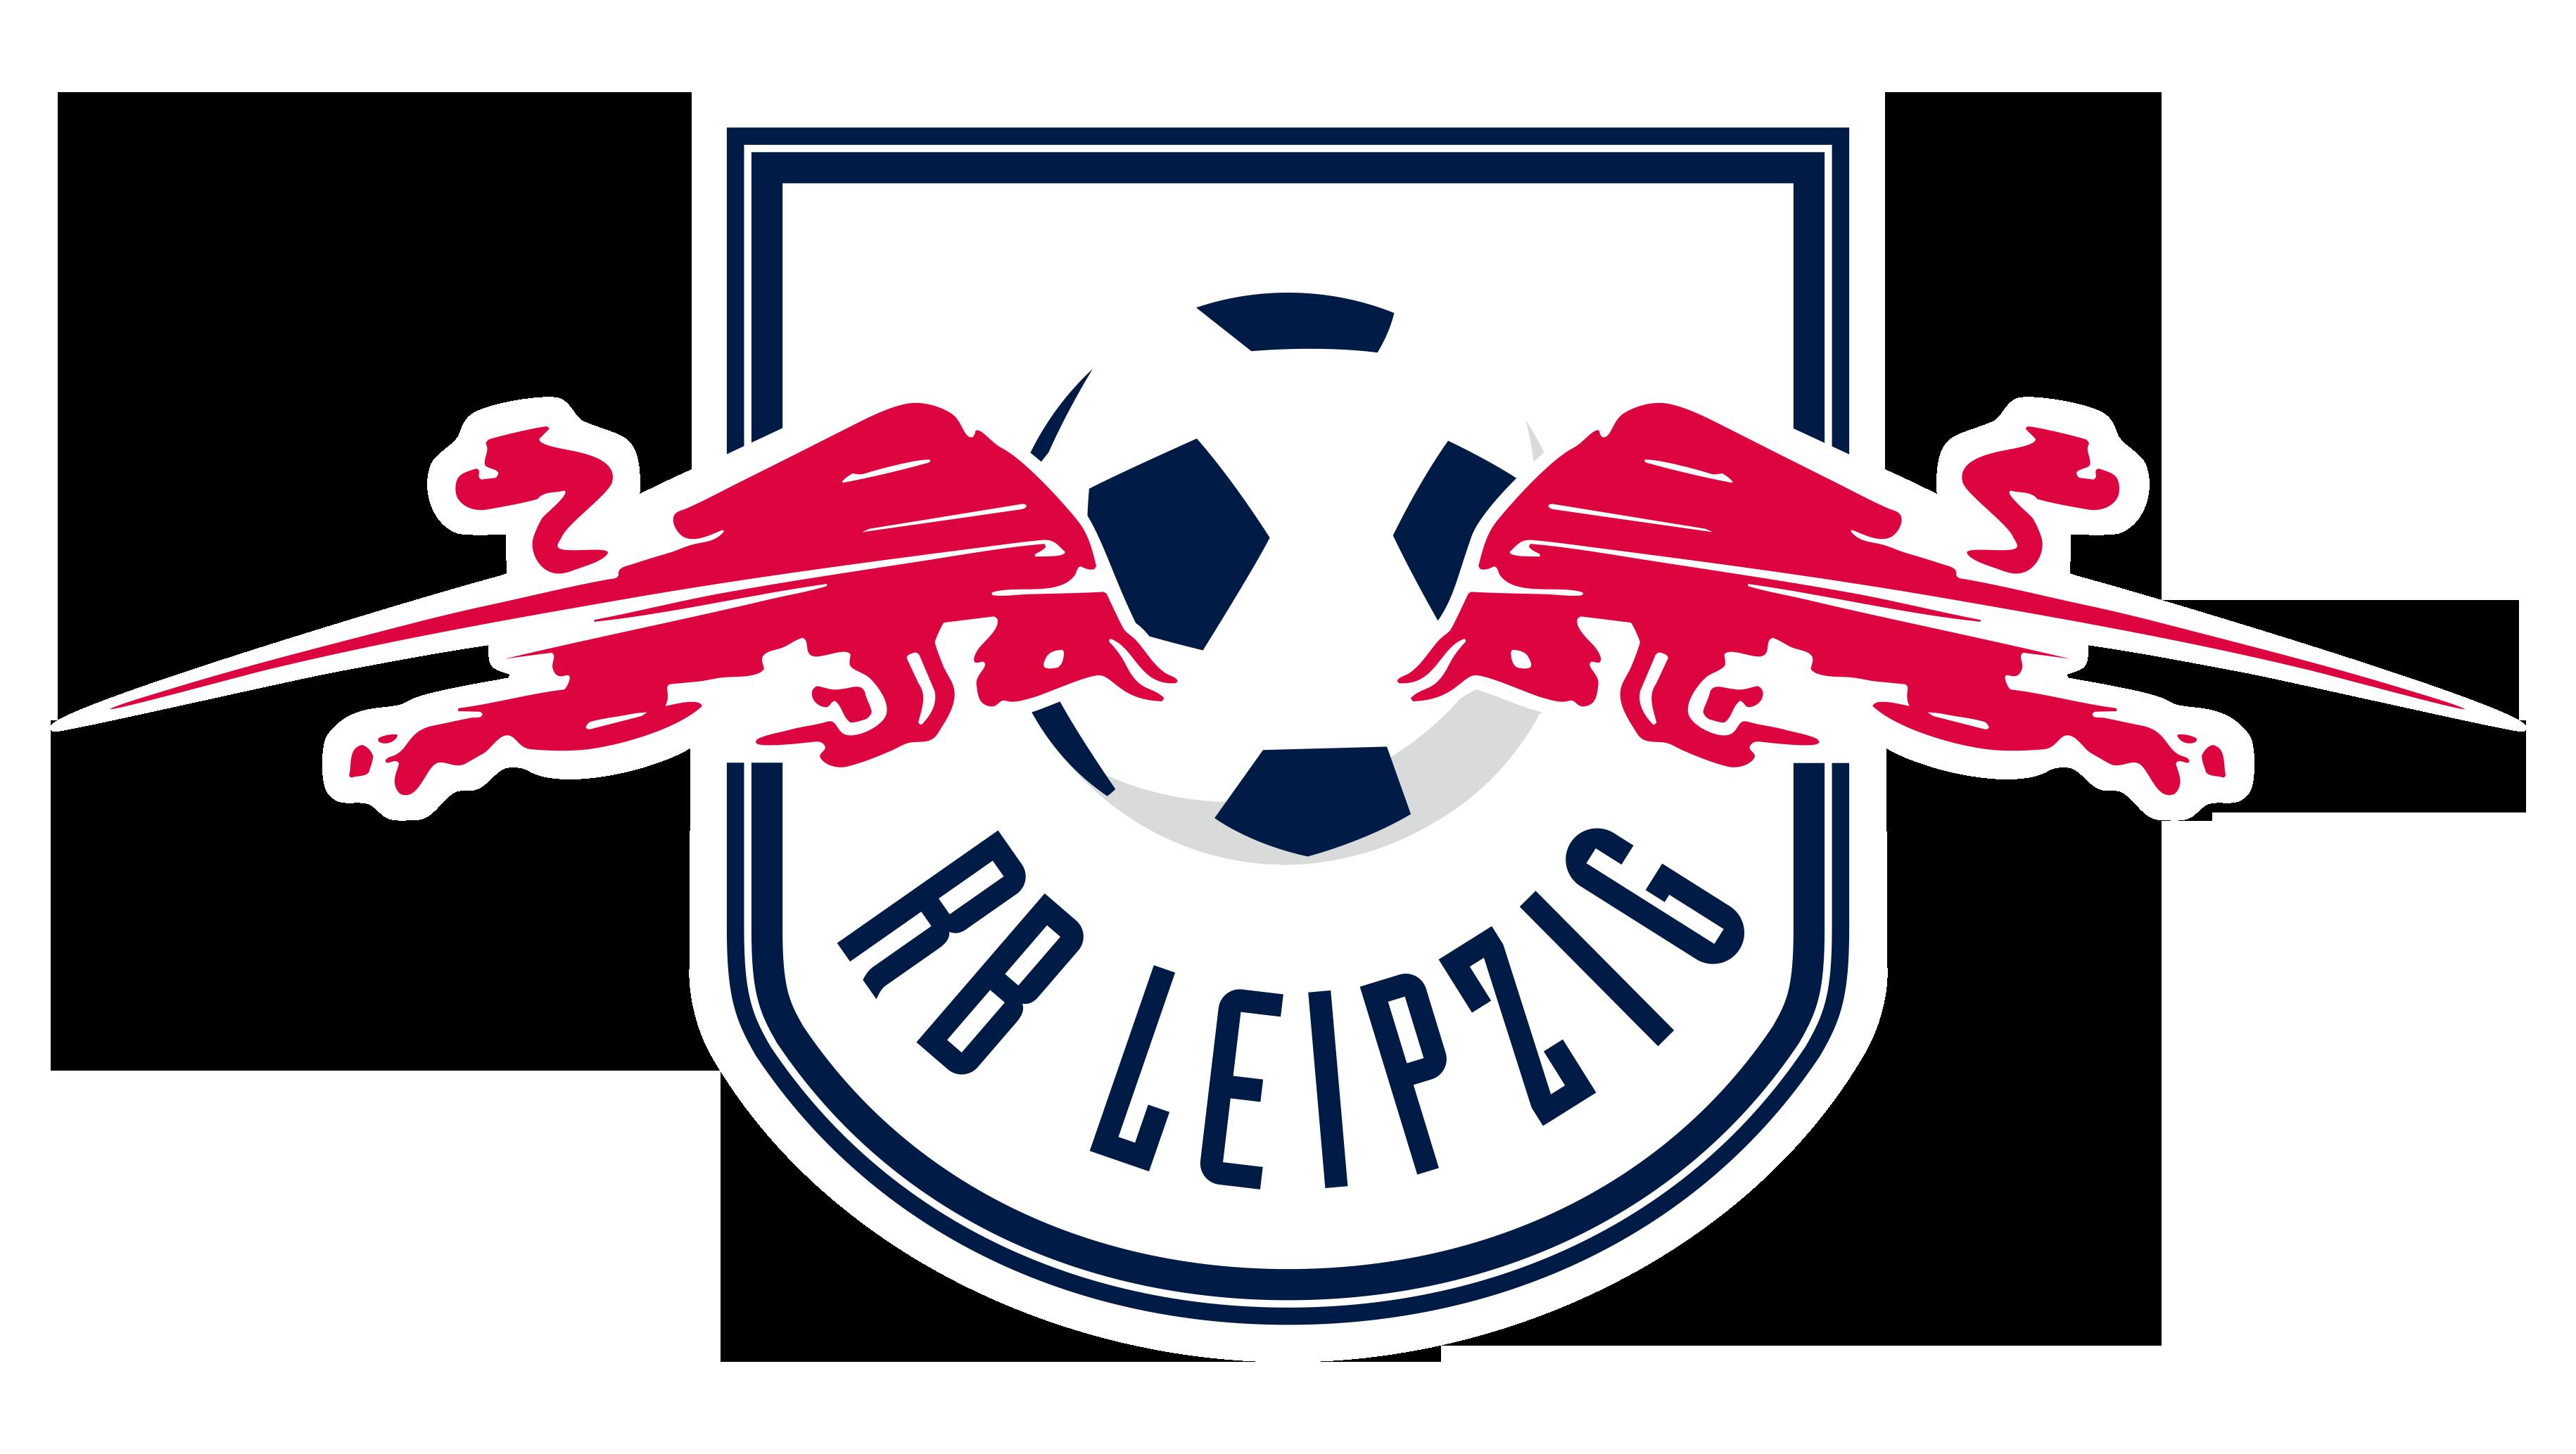 RB Leipzig - Nürnberg Sport1 TV élő közvetítés